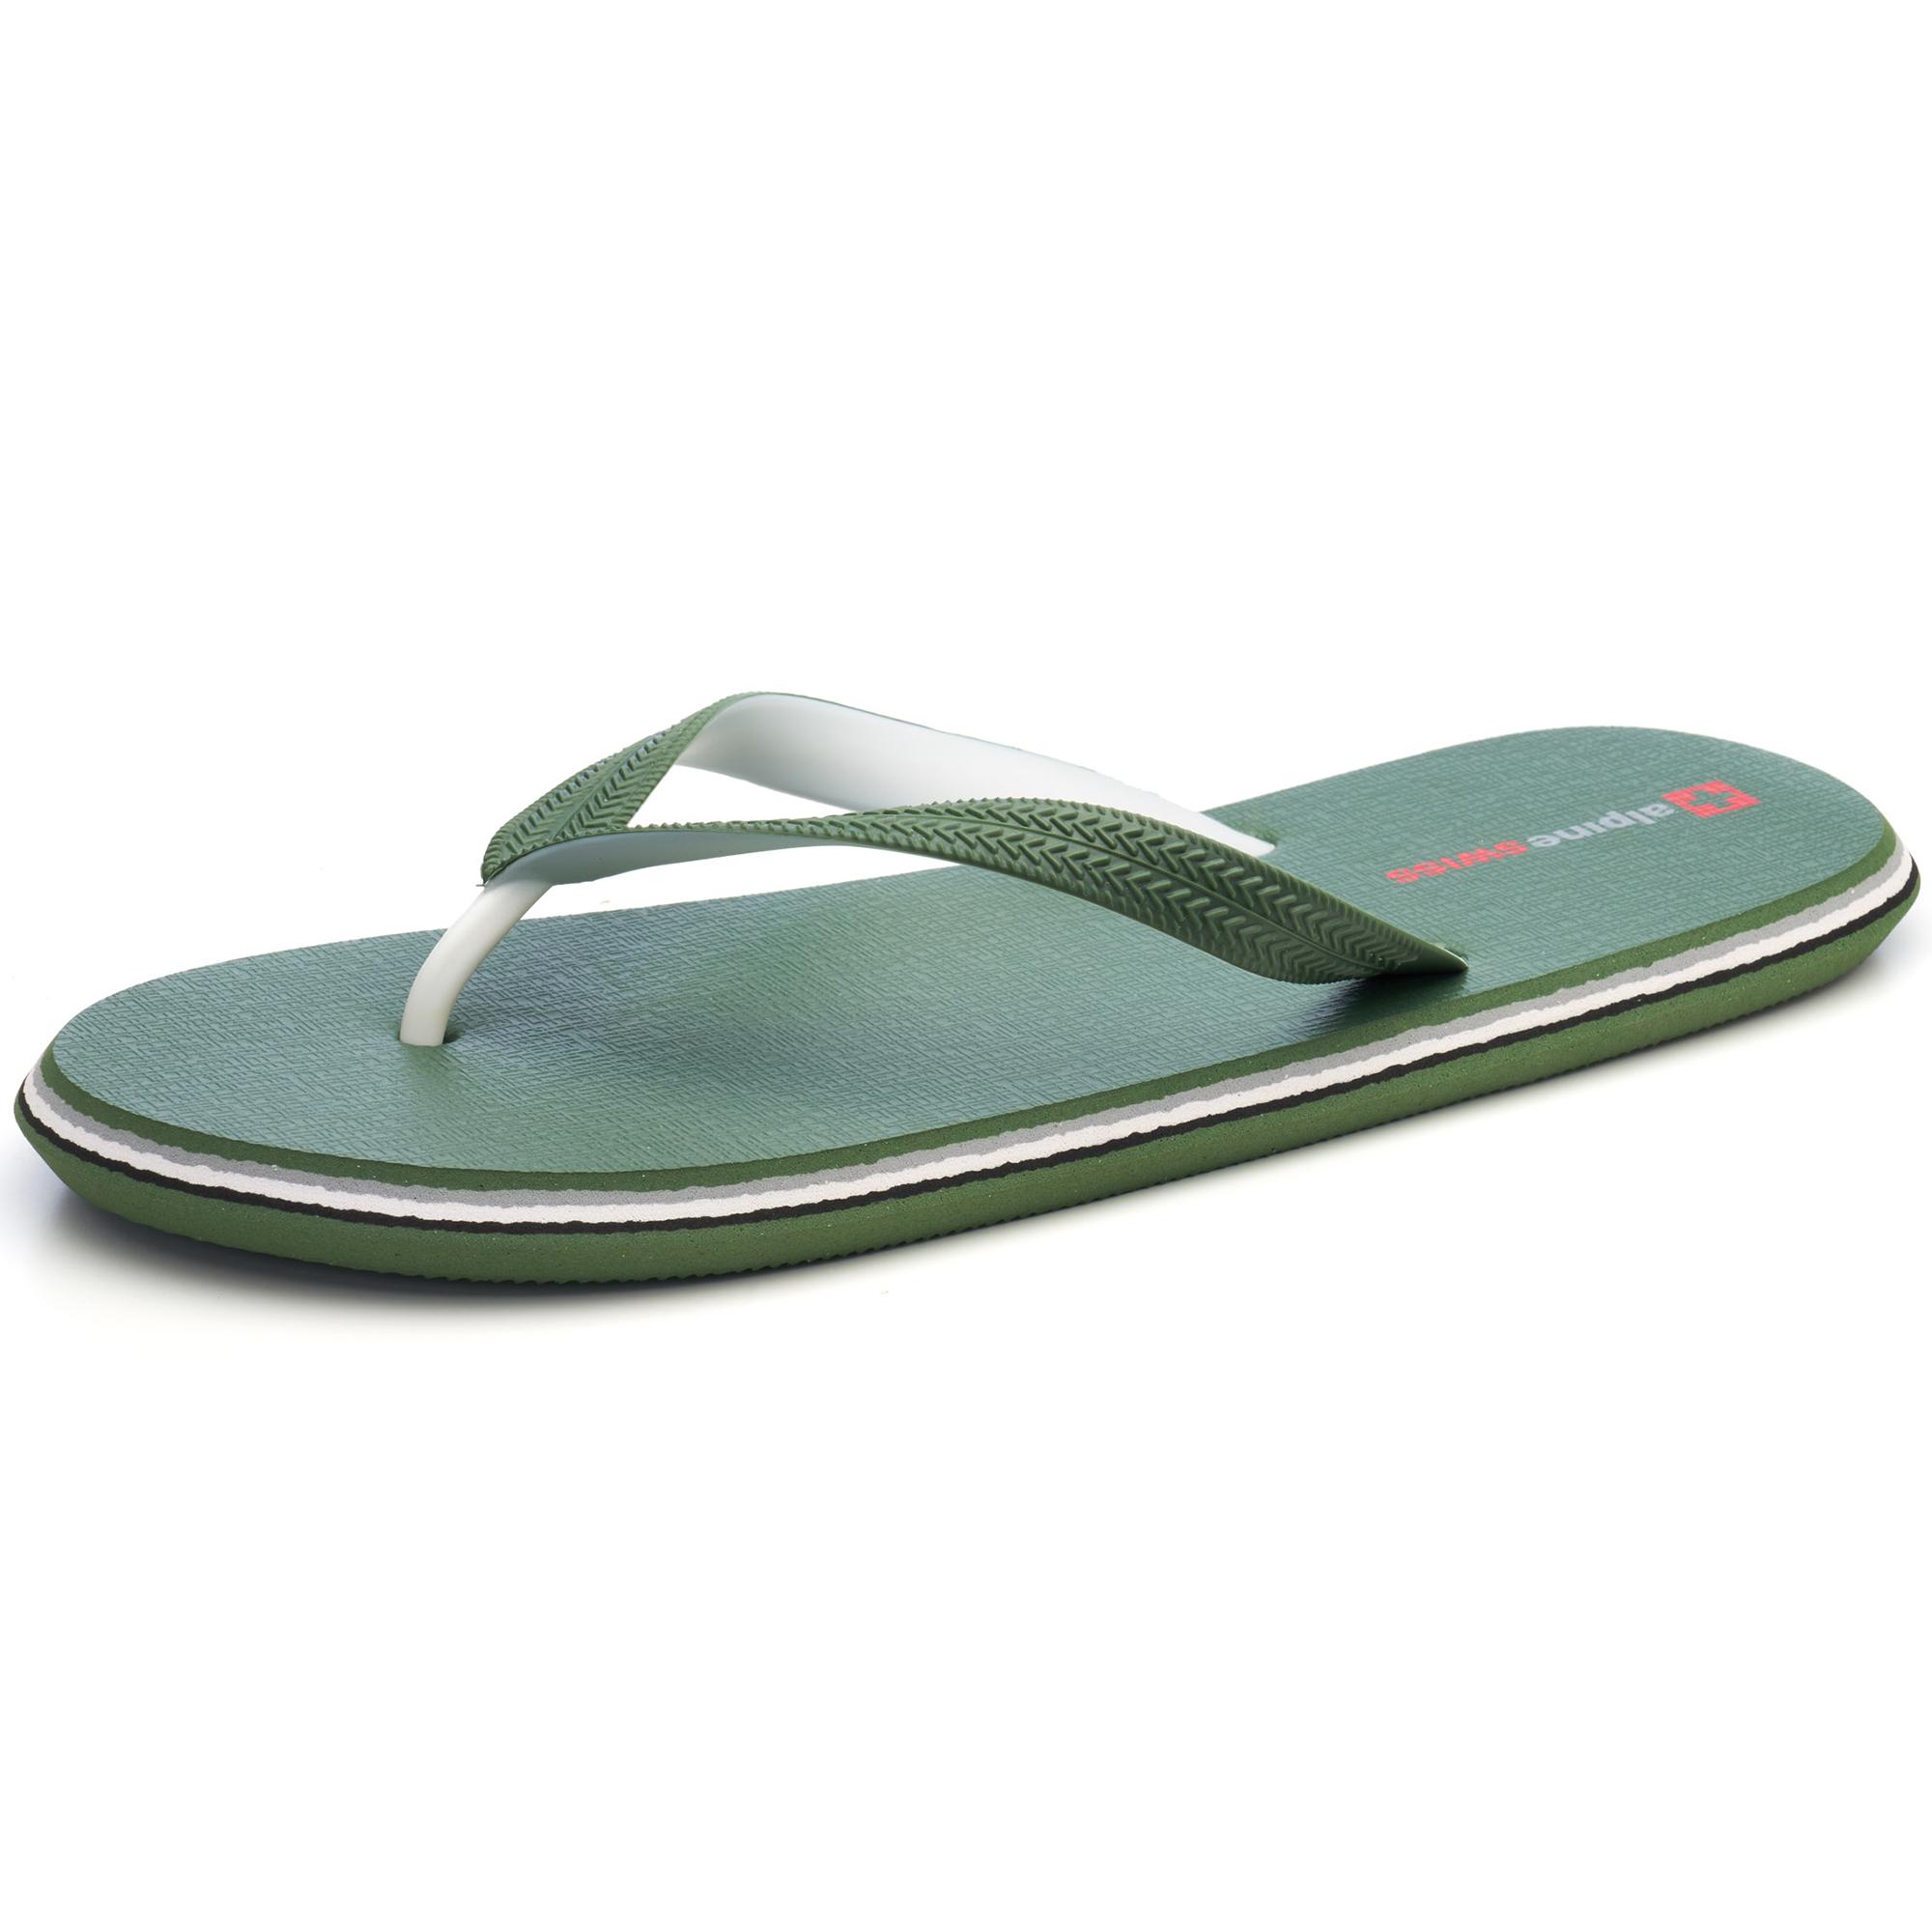 Alpine-Swiss-Mens-Flip-Flops-Beach-Sandals-Lightweight-EVA-Sole-Comfort-Thongs thumbnail 40